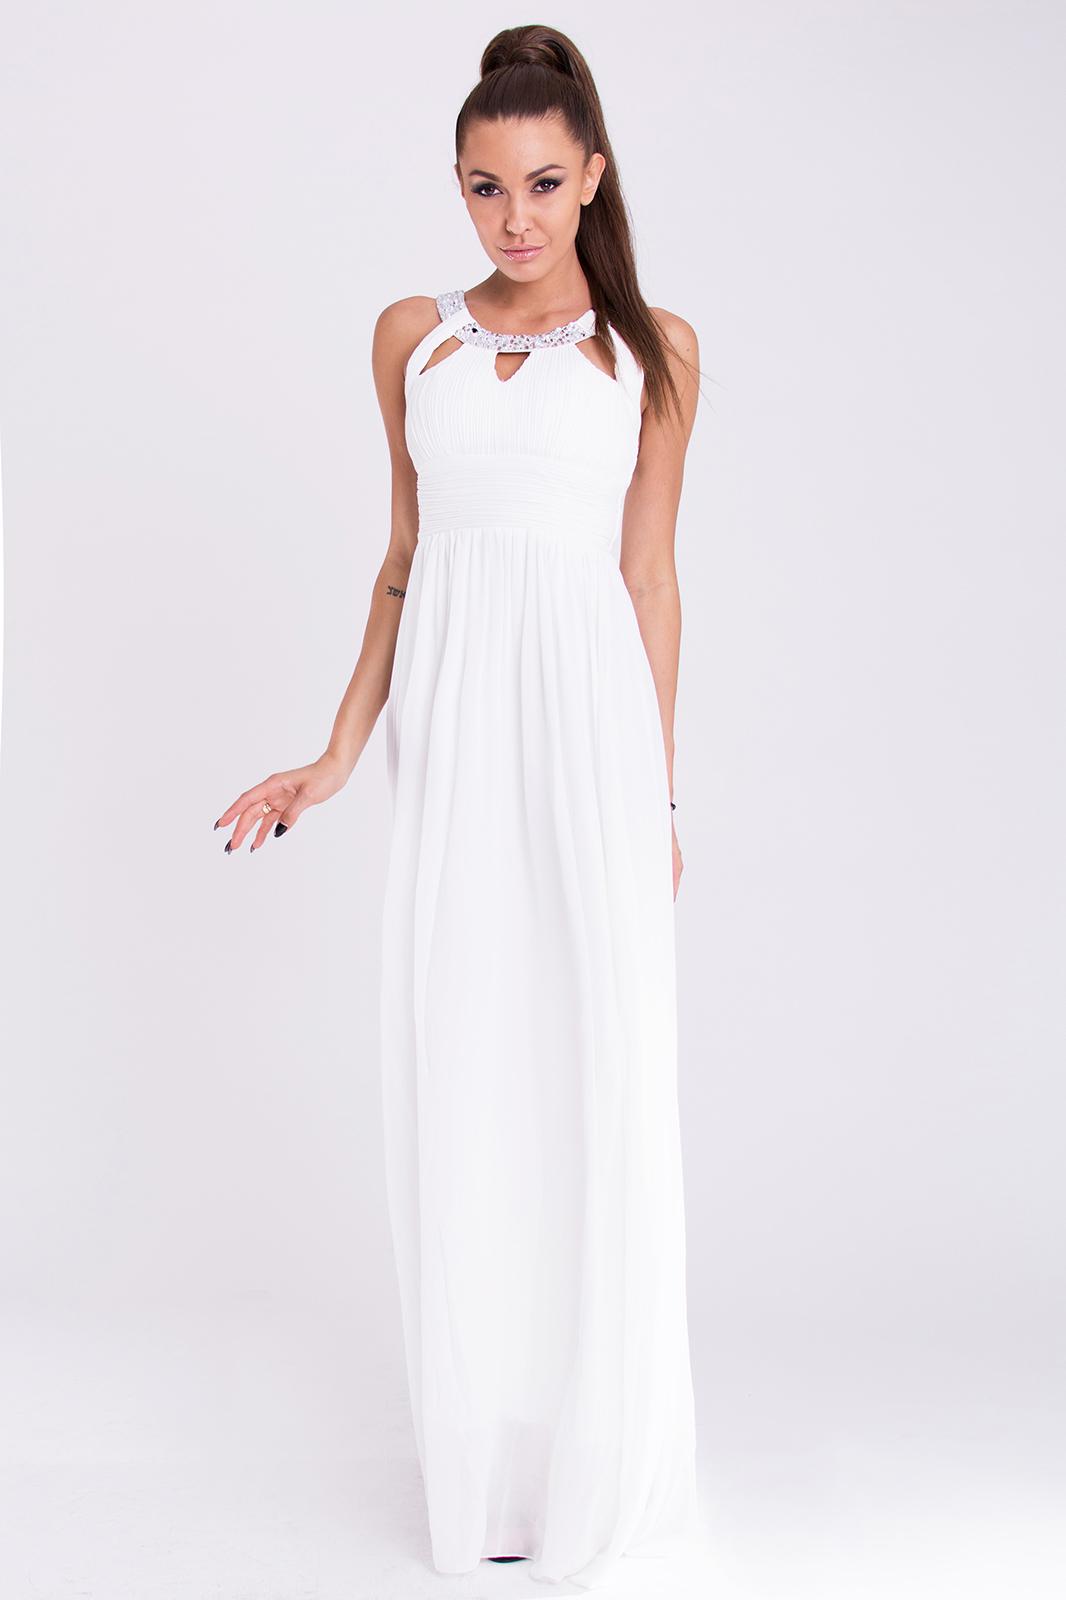 EVA & LOLA DRESS - WHITE 19011..